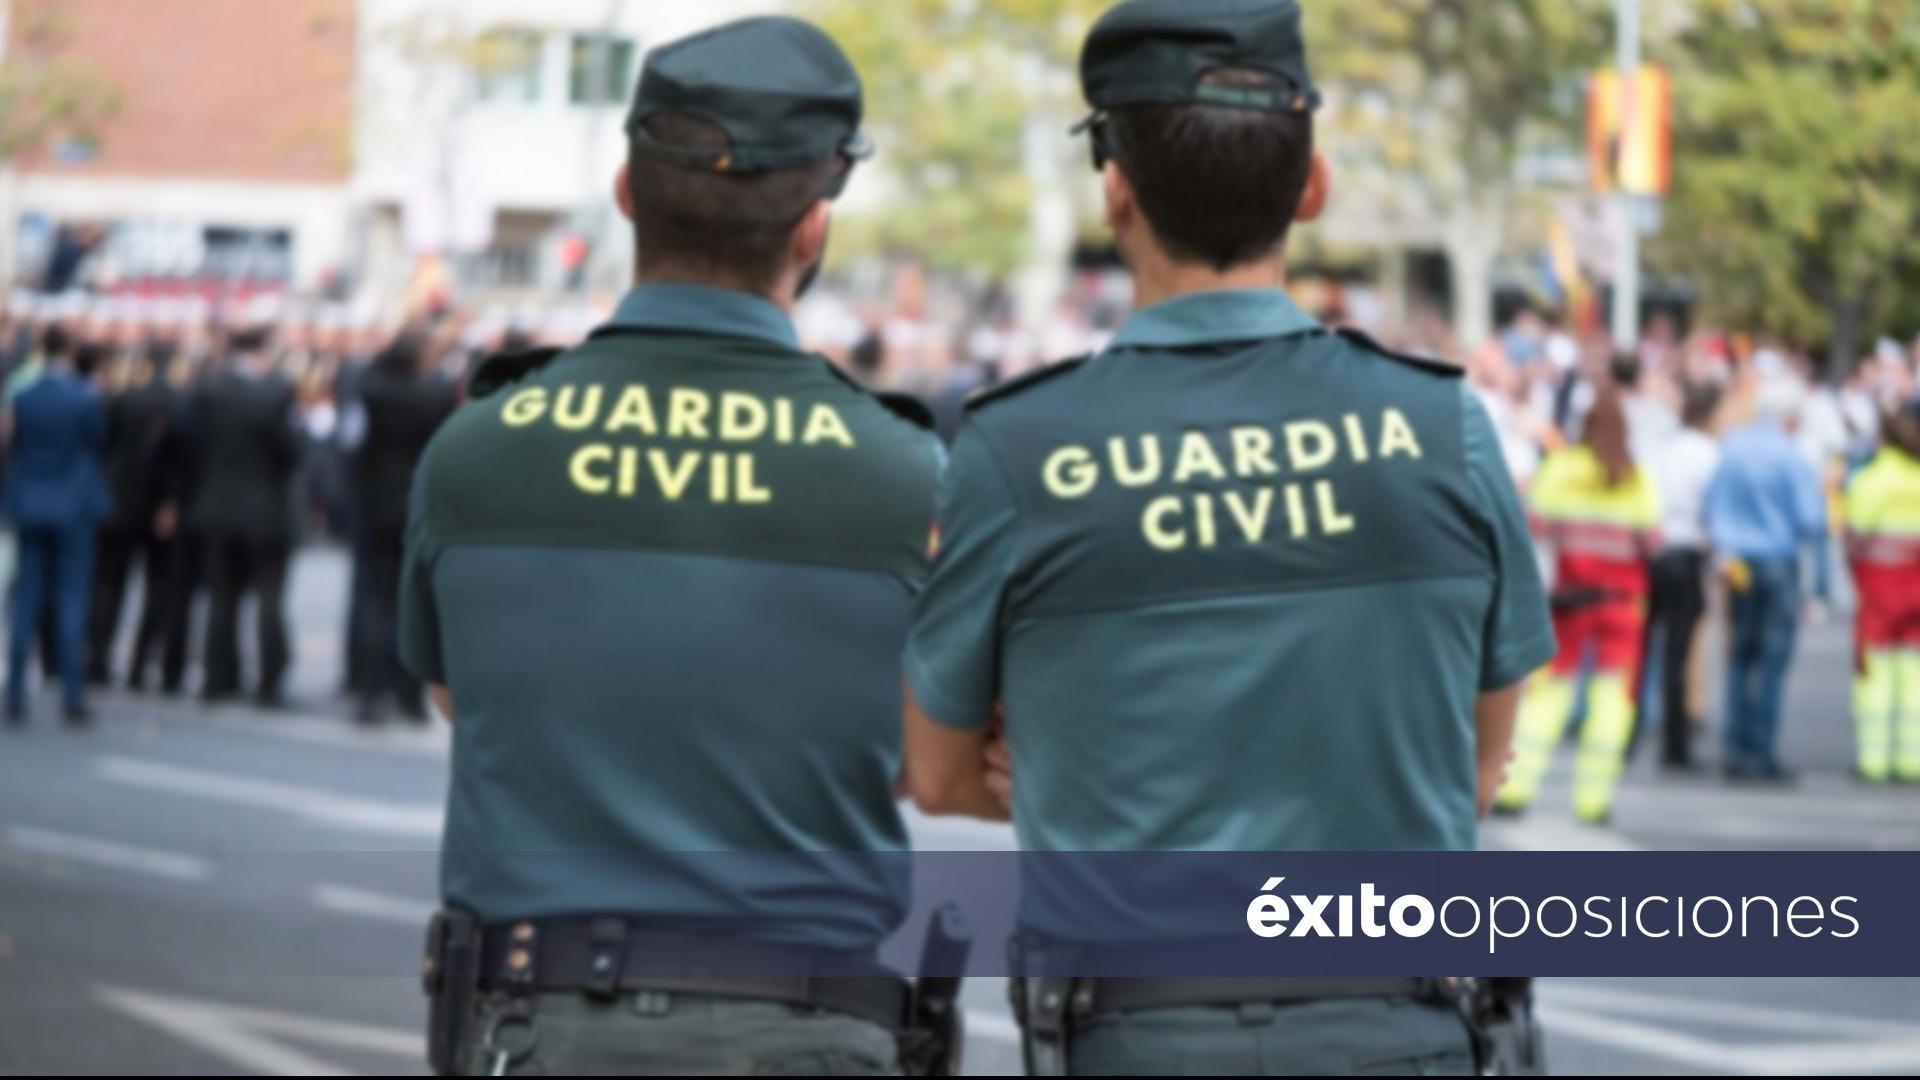 Oposición Guardia Civil